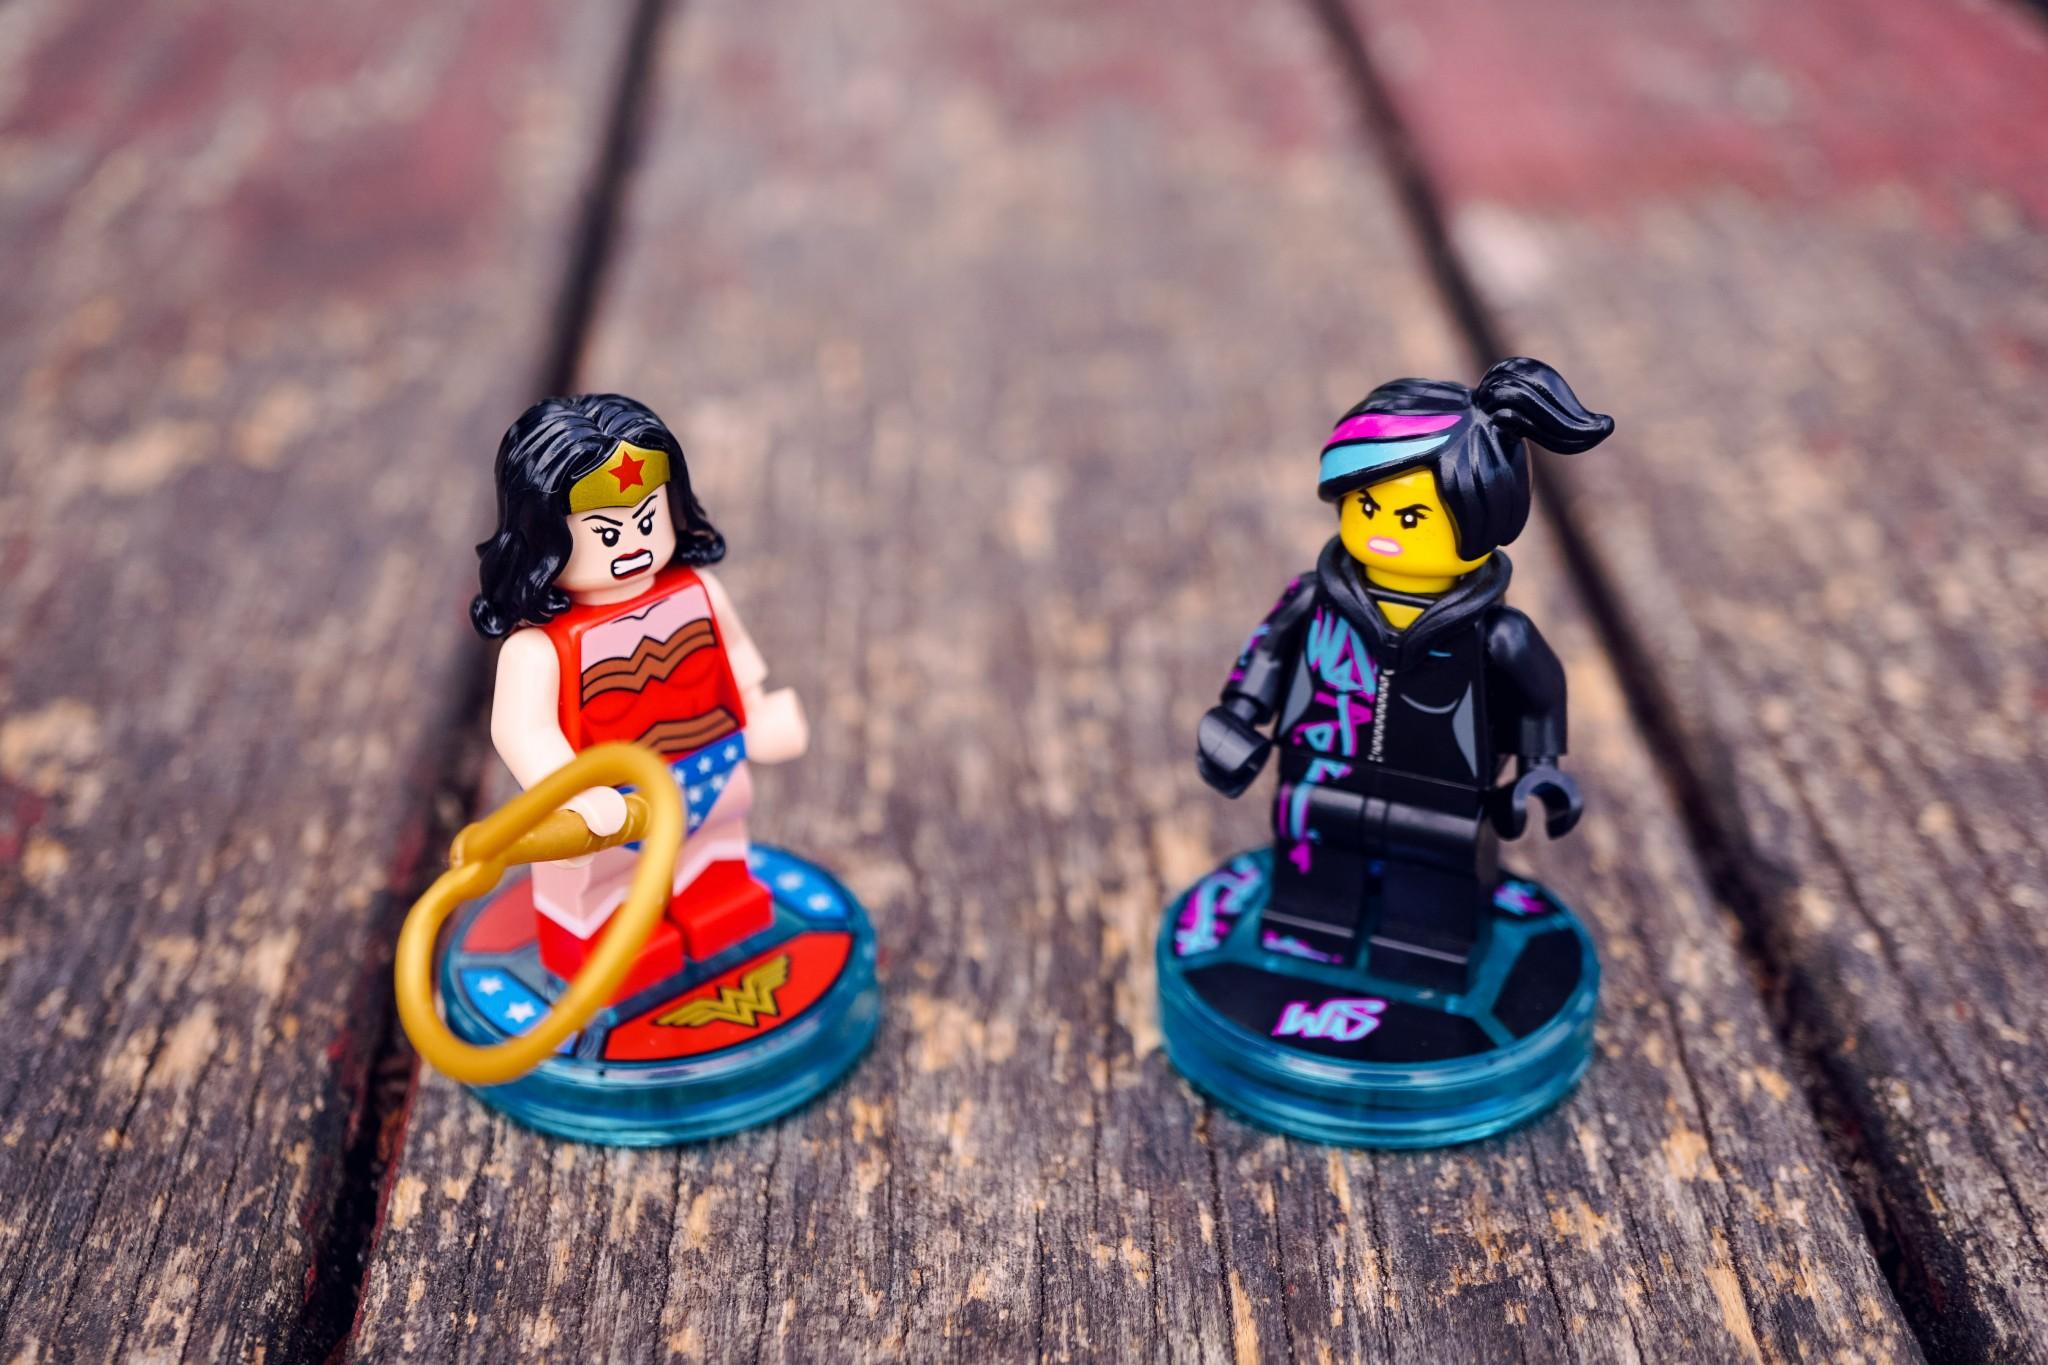 giovanna rossi 46percento - donne al lavoro